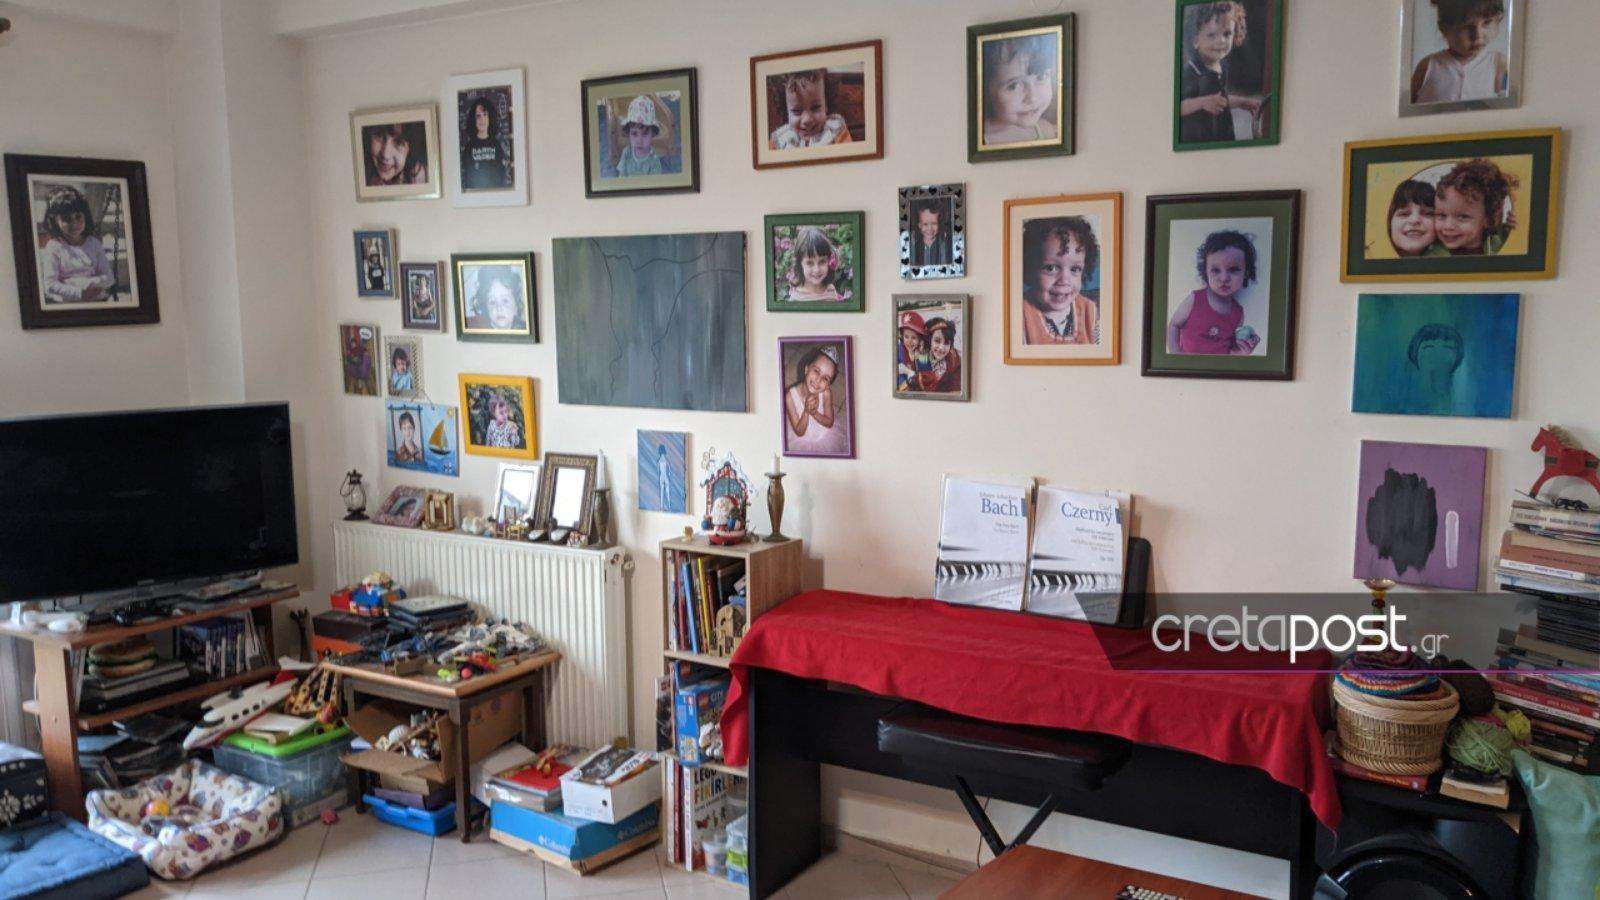 Το σπίτι της 17χρονης Μάγιας.